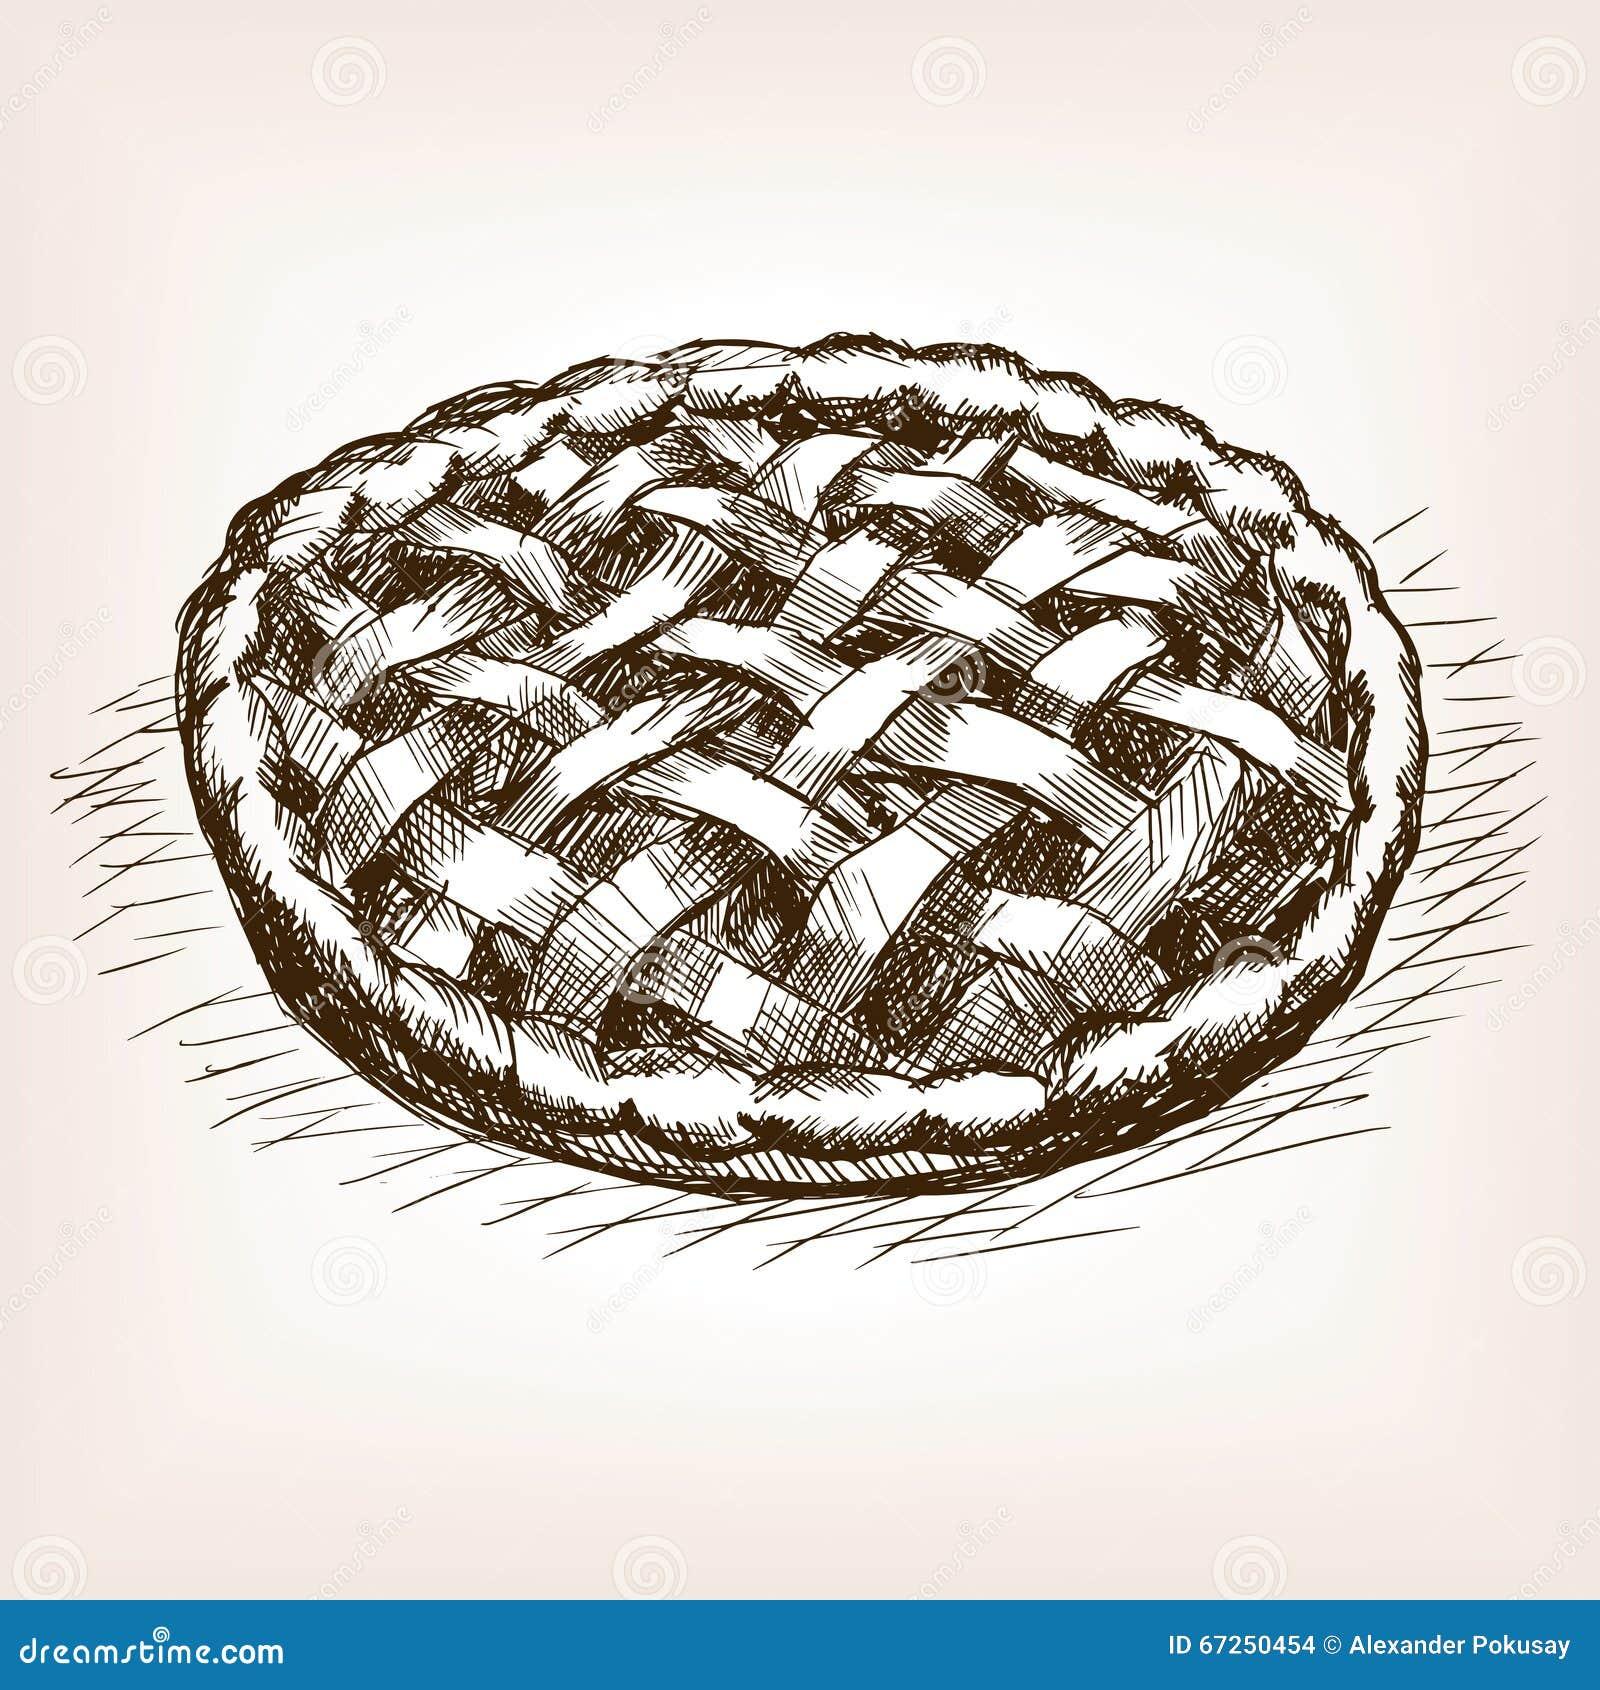 Baking Ingredients Clipart Pie Hand Drawn Sketch ...